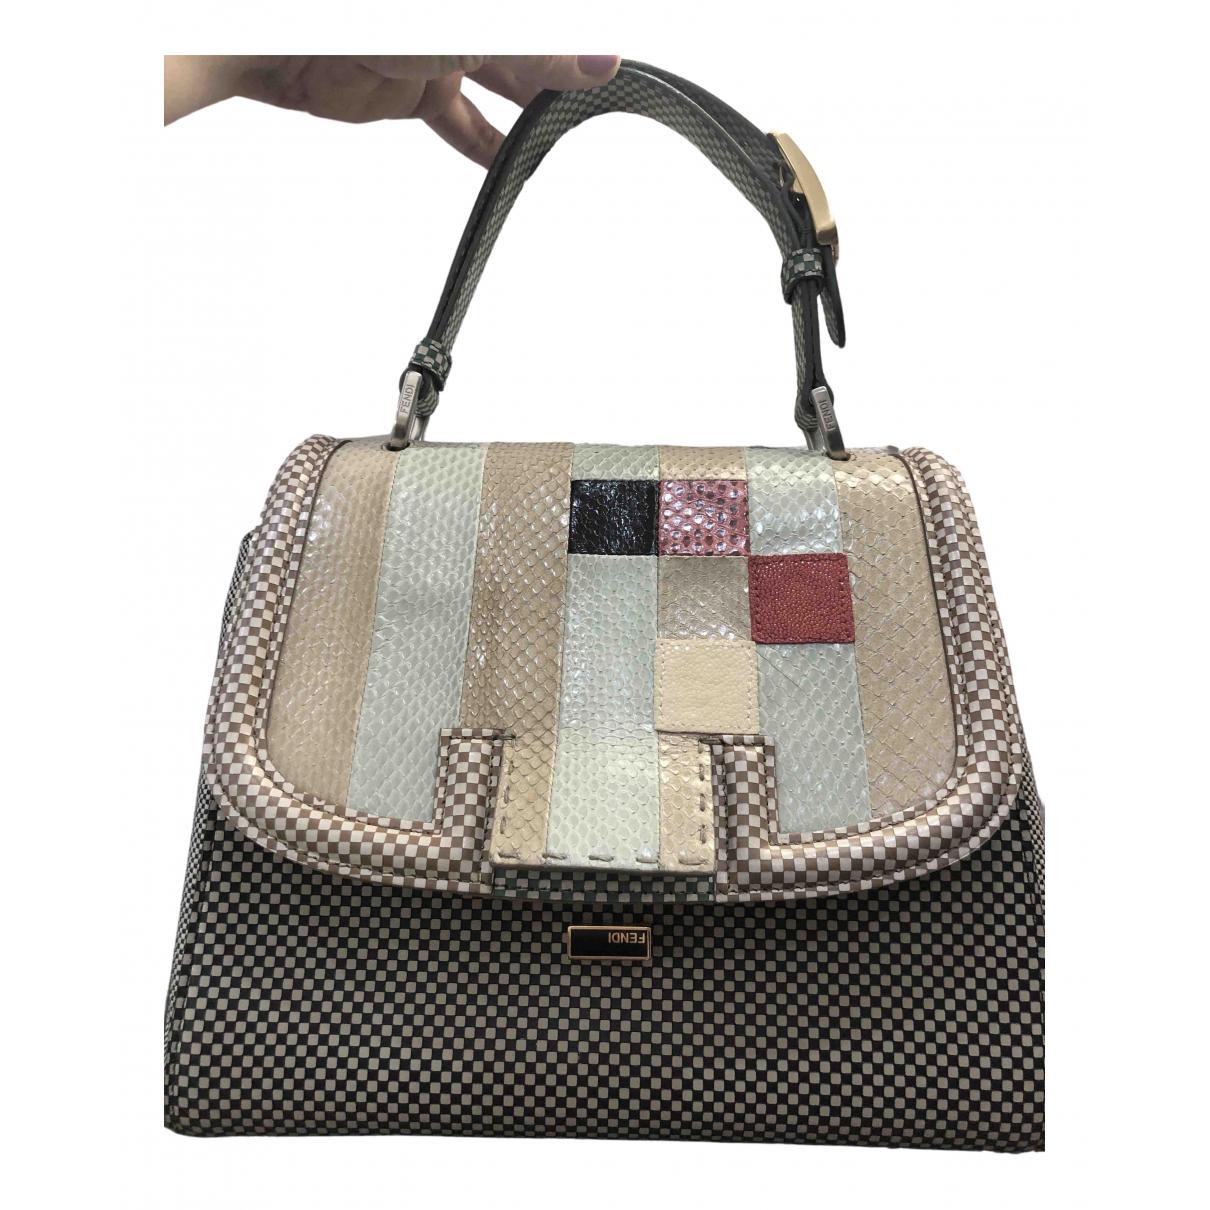 Fendi \N Anthracite Water snake handbag for Women \N